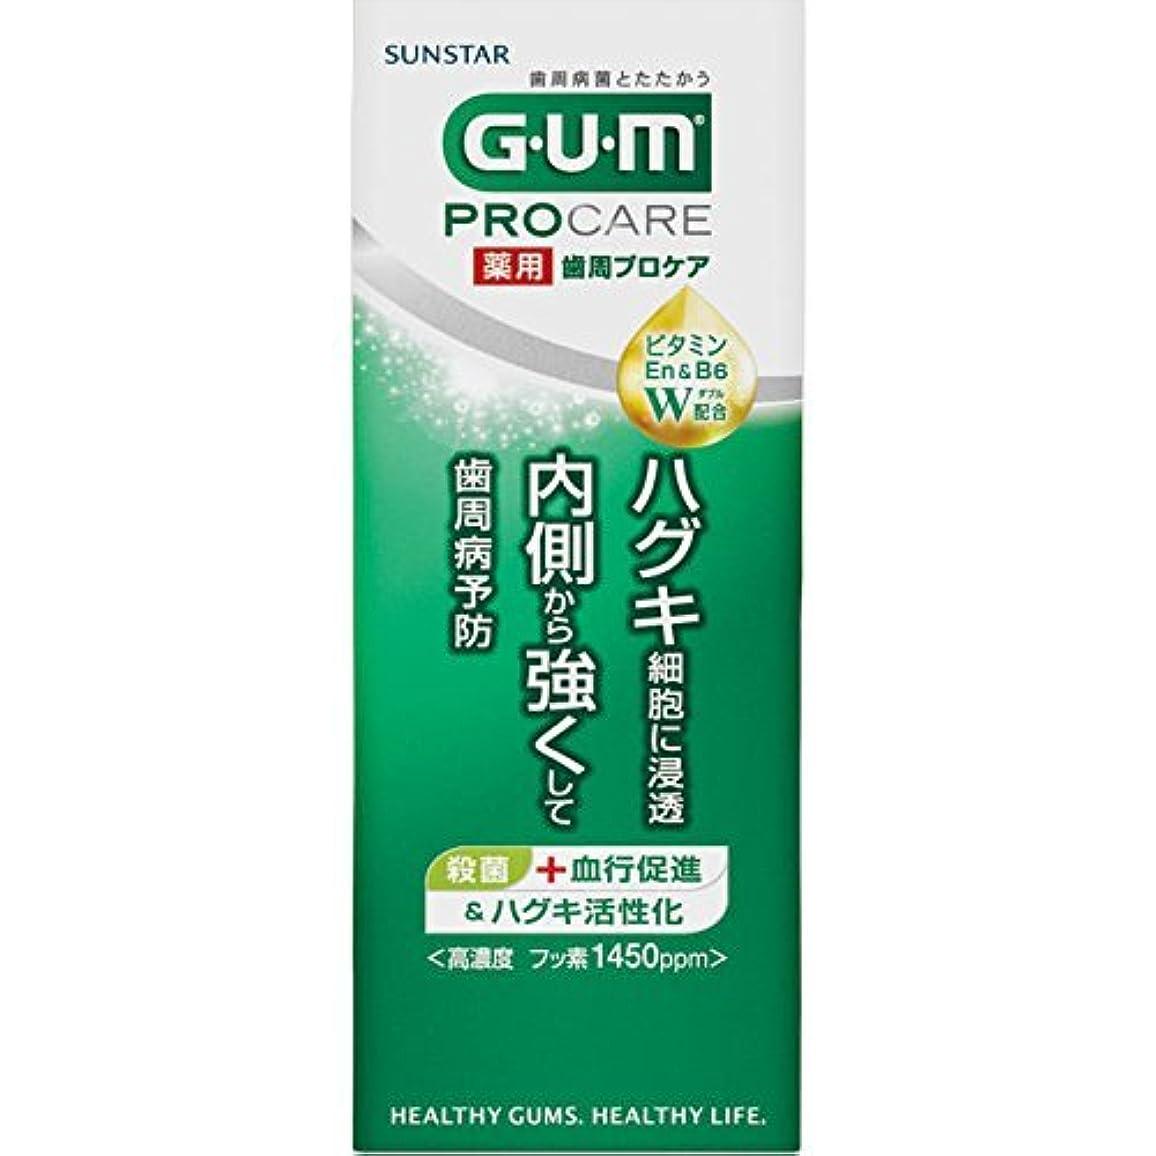 ローラードルサリー[医薬部外品] GUM(ガム) 歯周プロケア 歯みがき 50g <歯周病予防 ハグキケア 高濃度フッ素配合1,450ppm>